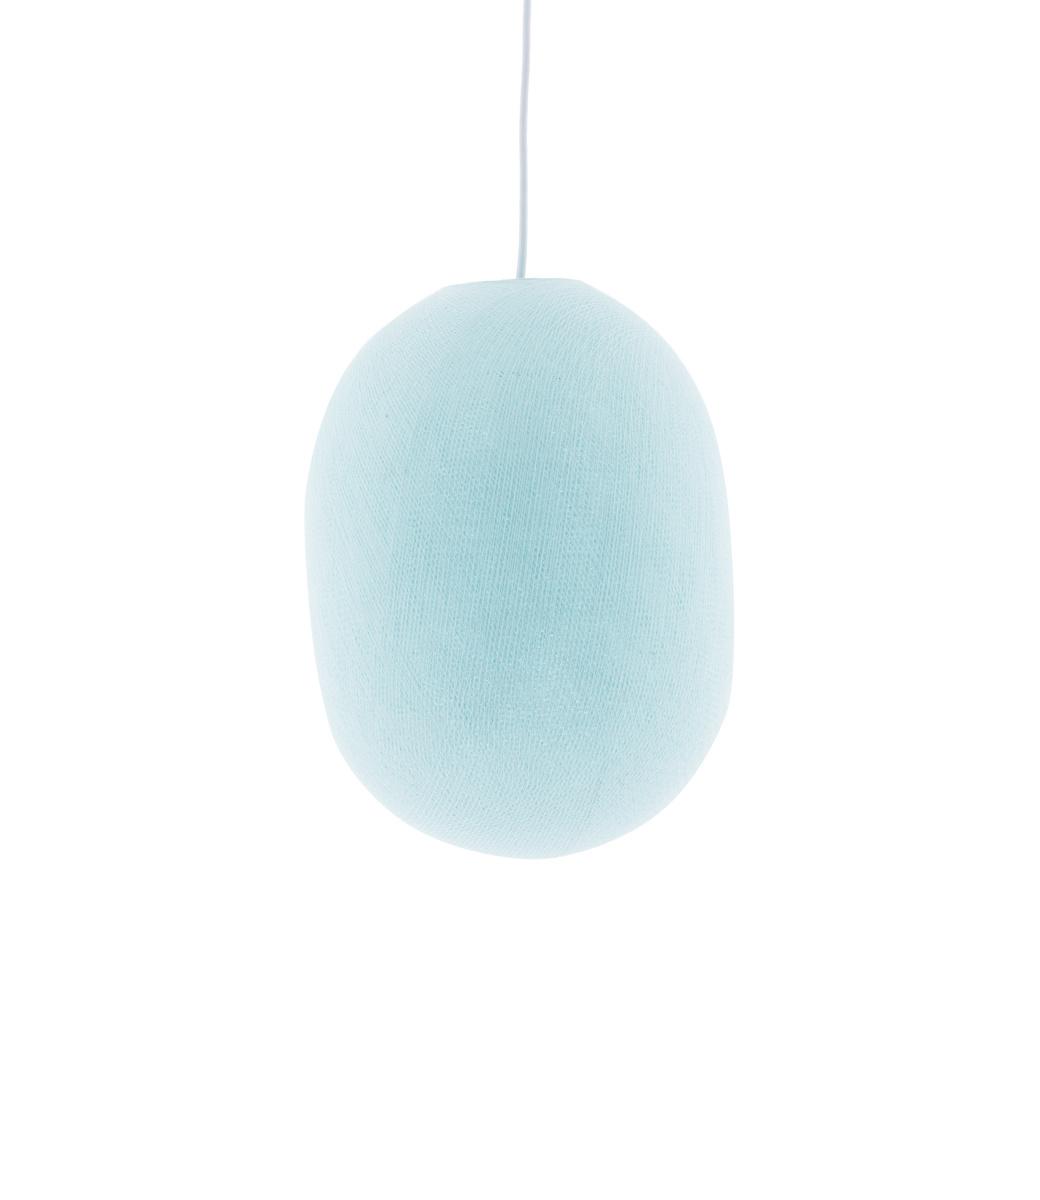 Cotton Ball Lights Oval hanglamp licht blauw - Light Aqua